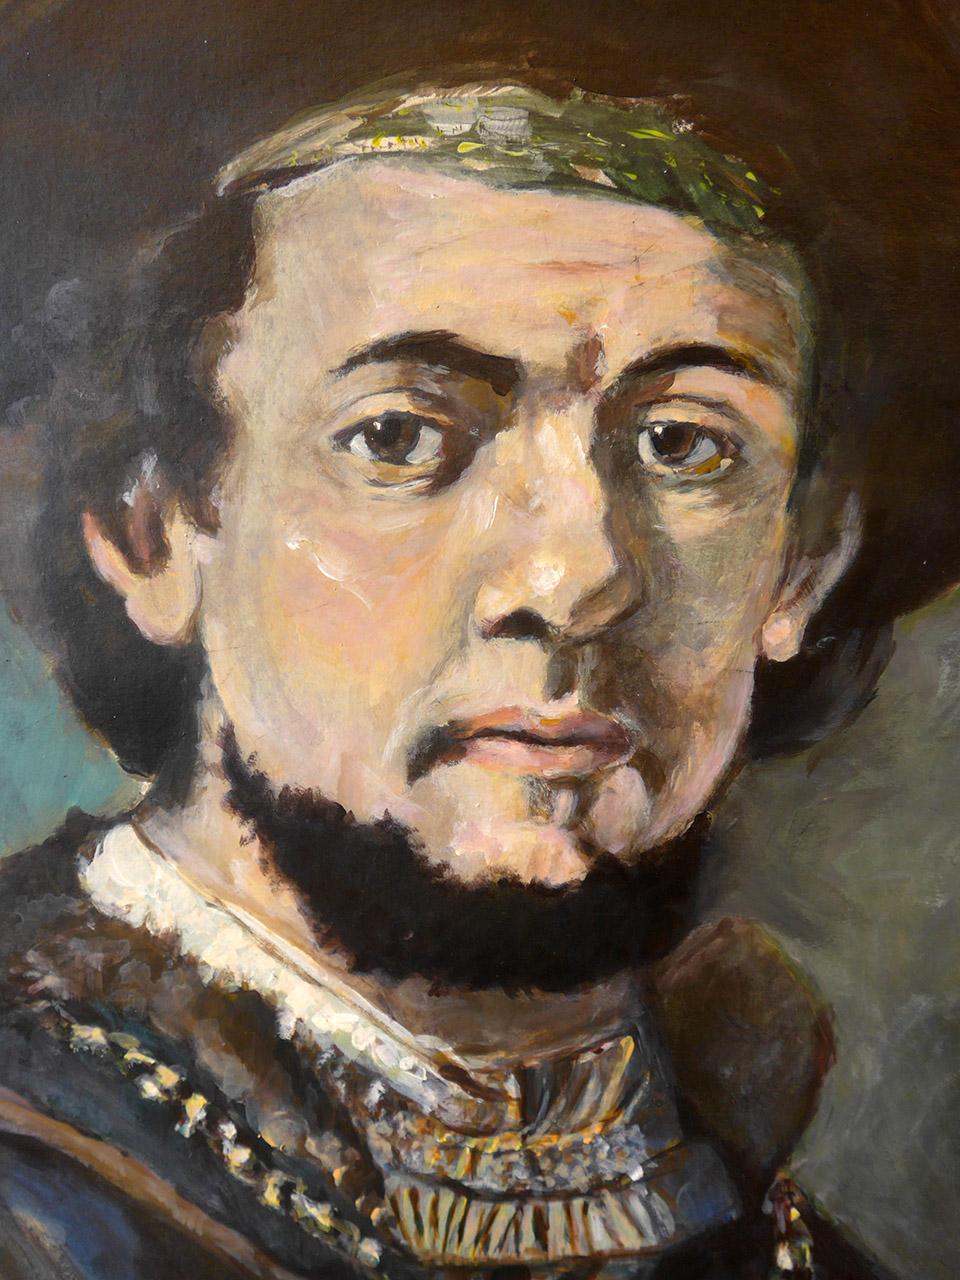 Anton Koenraads_Portret Rembrandt_acryl op karton_50x65